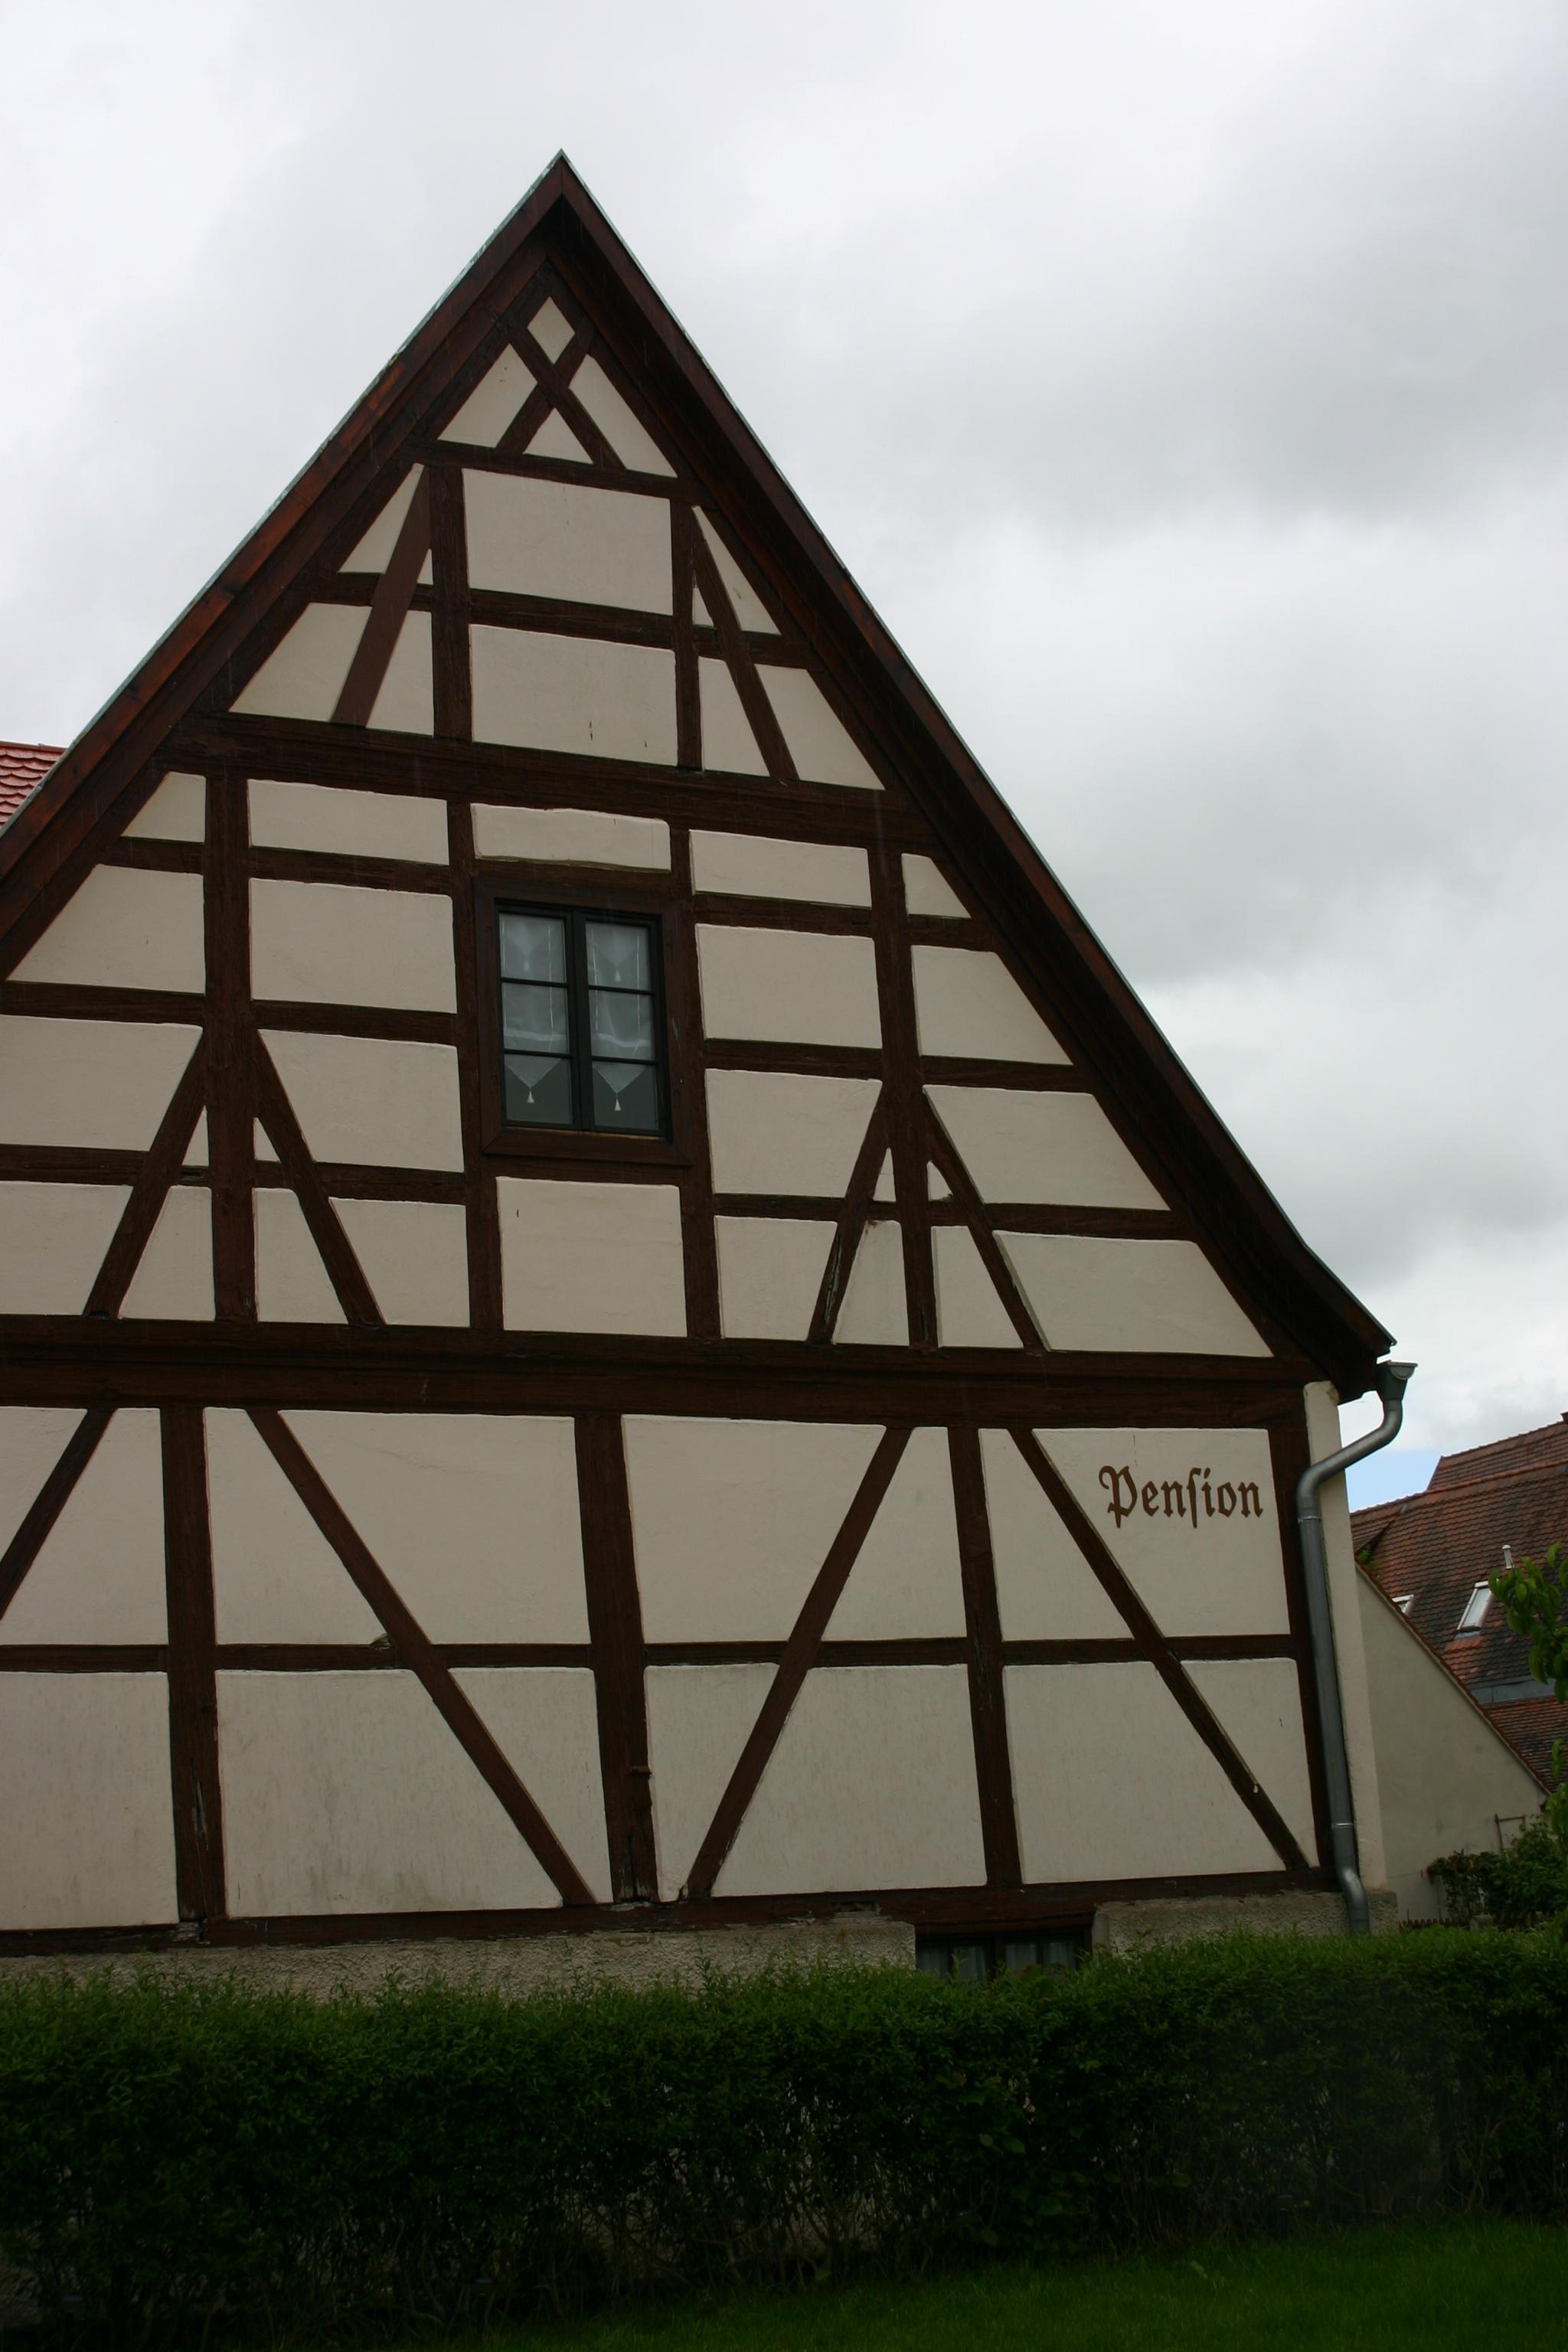 Pension Baumeisterhaus